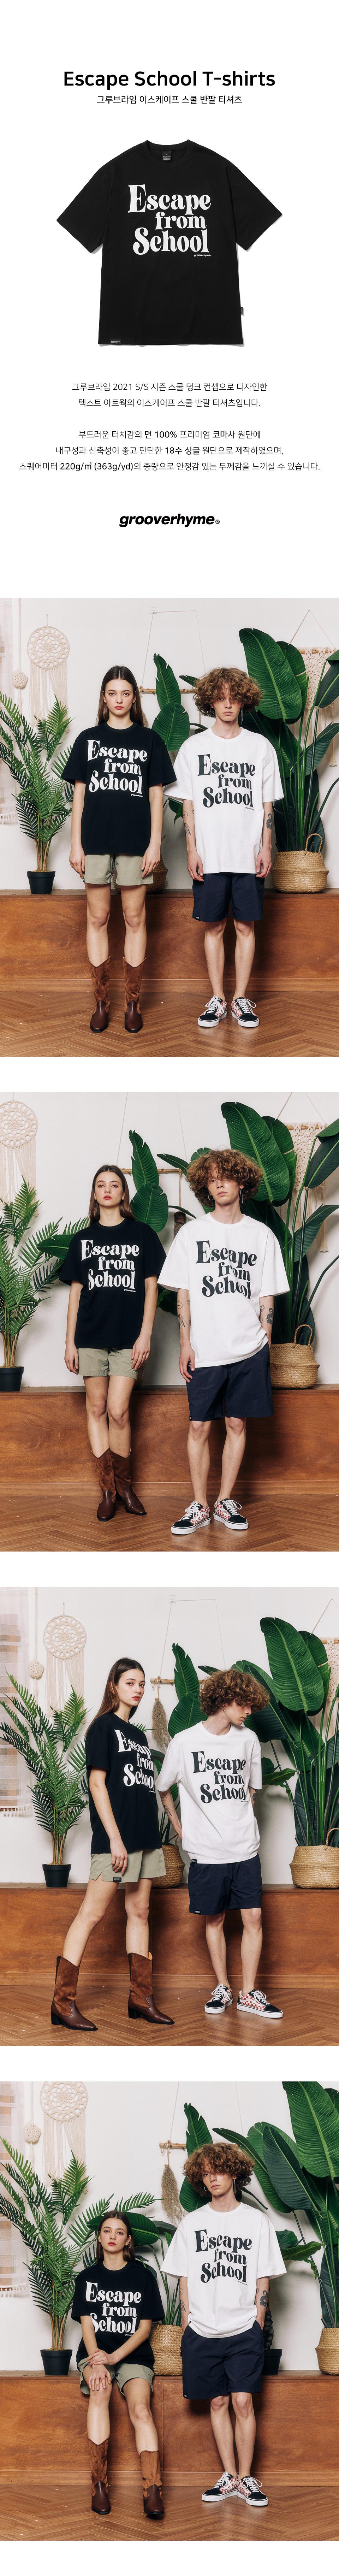 그루브라임(GROOVE RHYME) ESCAPE SCHOOL T-SHIRTS(BLACK) [LRPMCTA439MBKA]